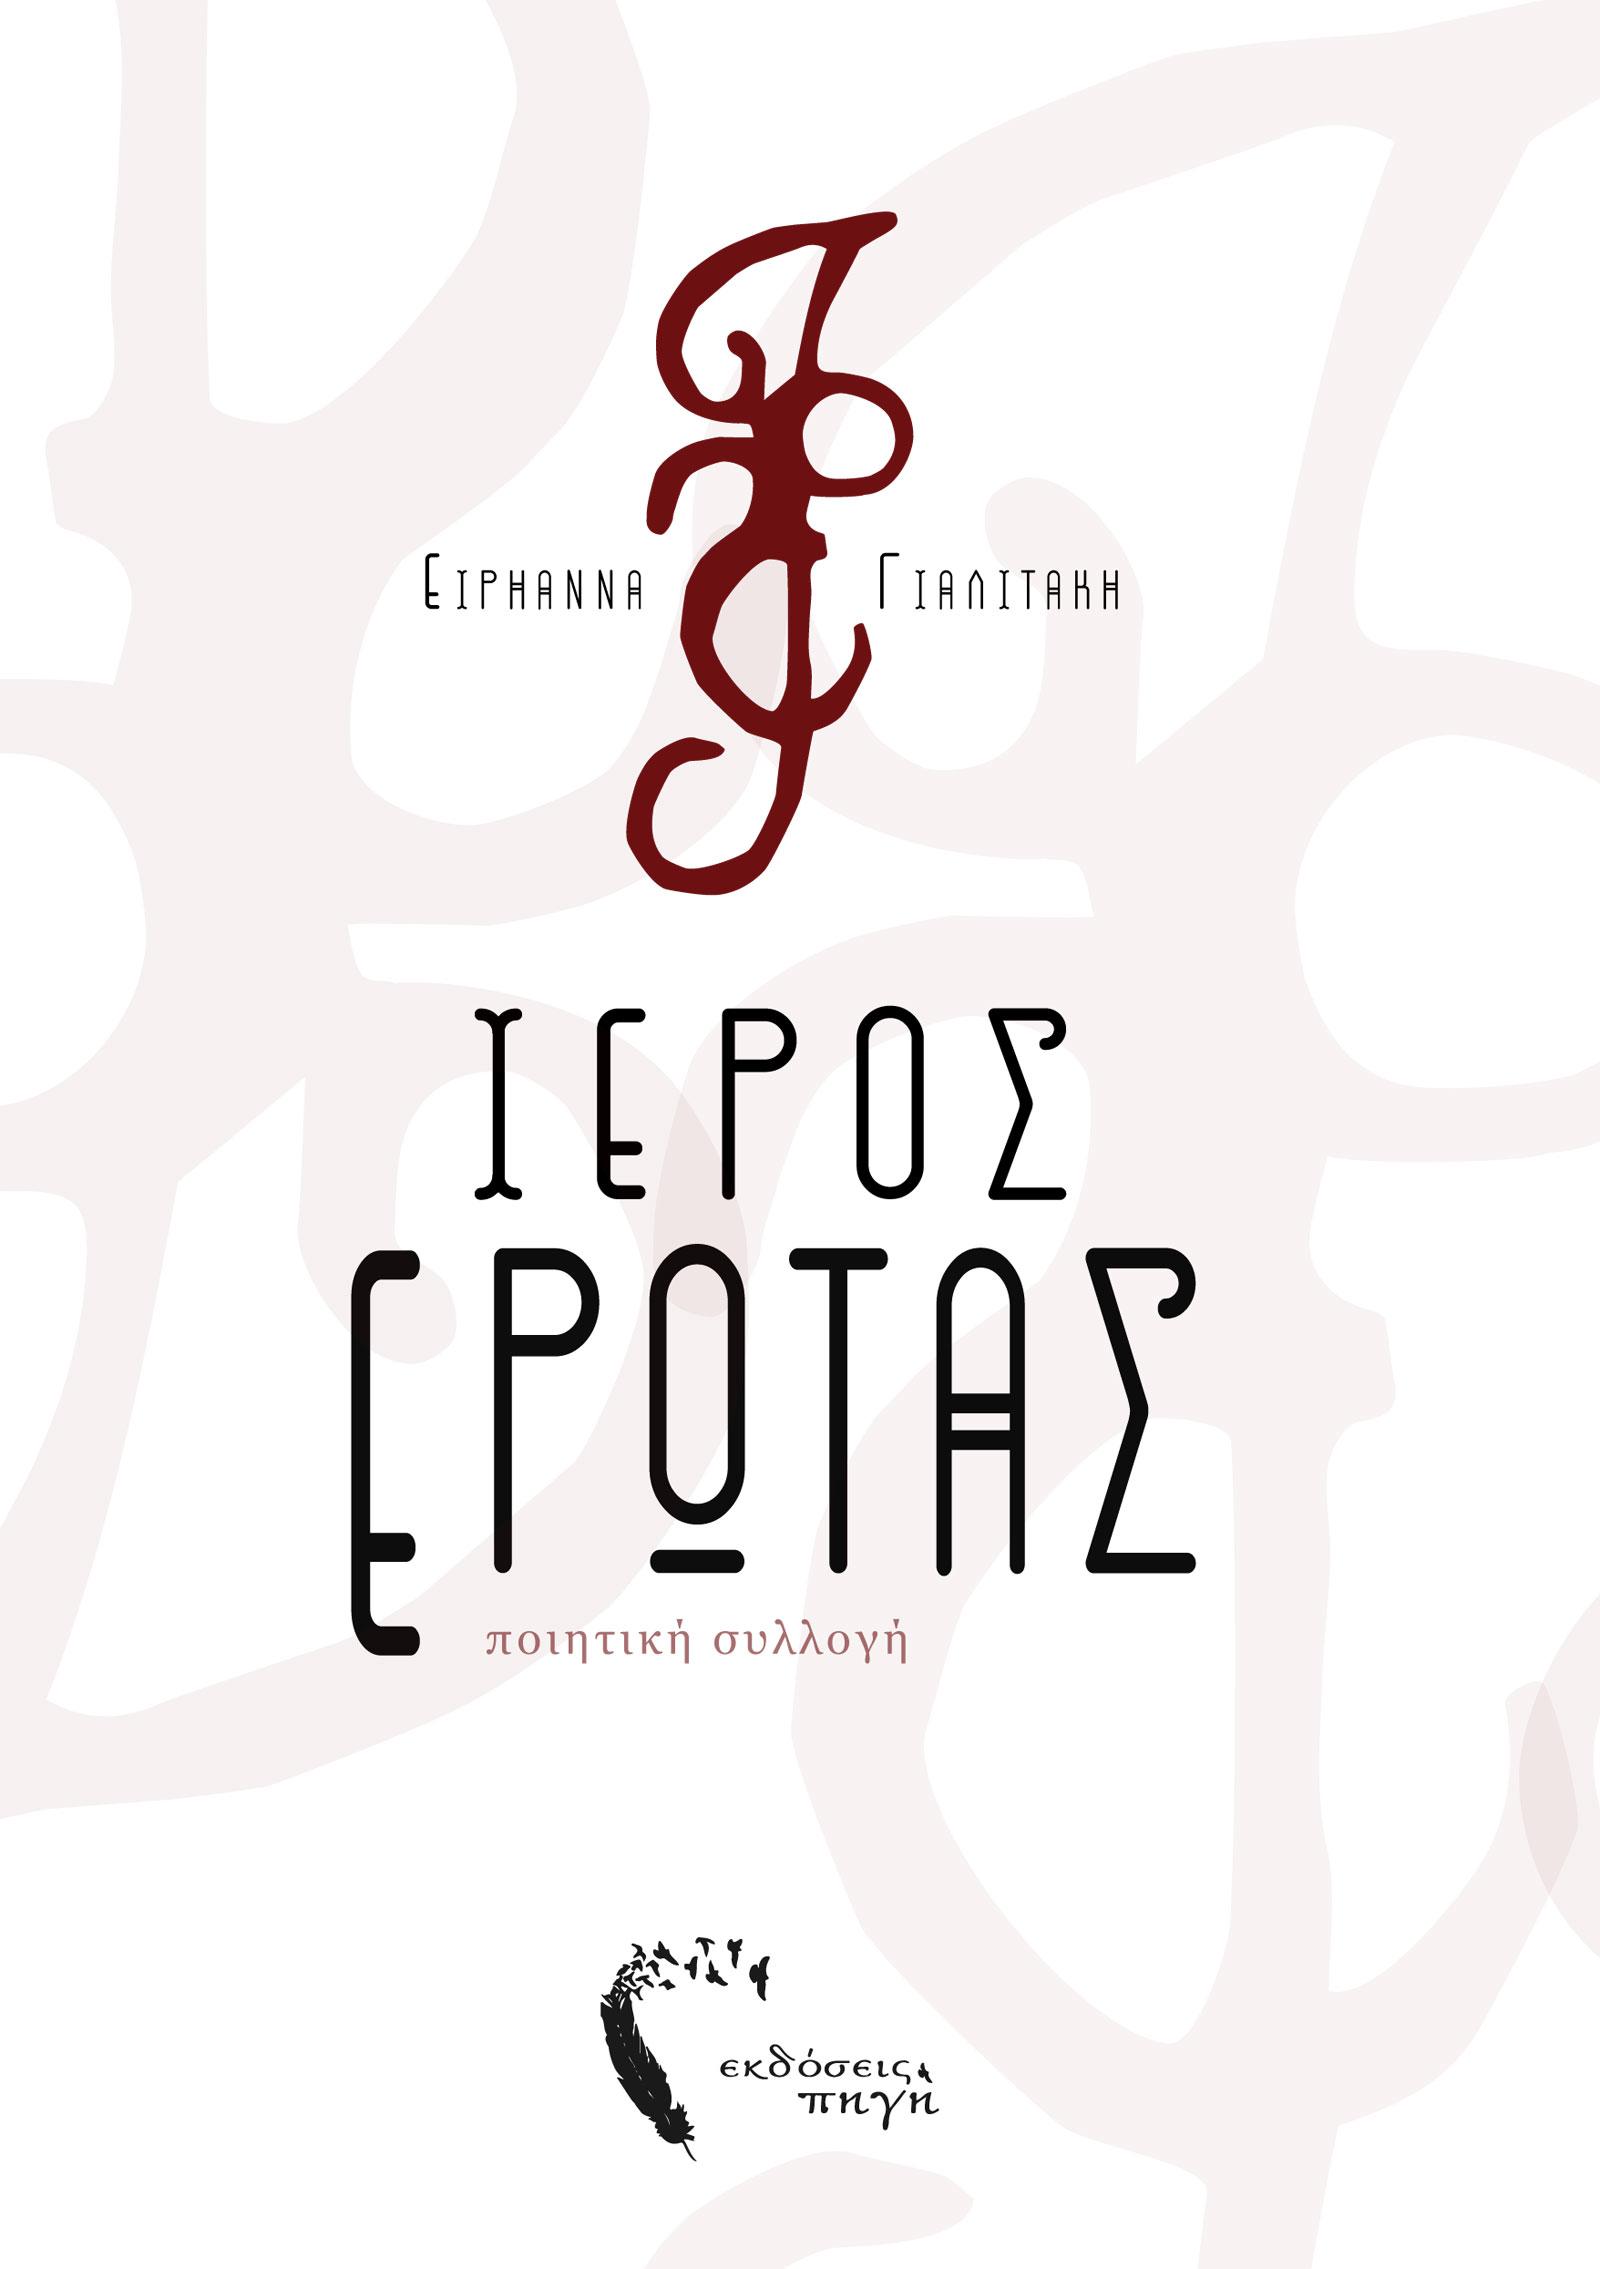 Ιερός Έρωτας, Ειρηάννα Γρ. Γιαλιτάκη, Εκδόσεις Πηγή - www.pigi.gr